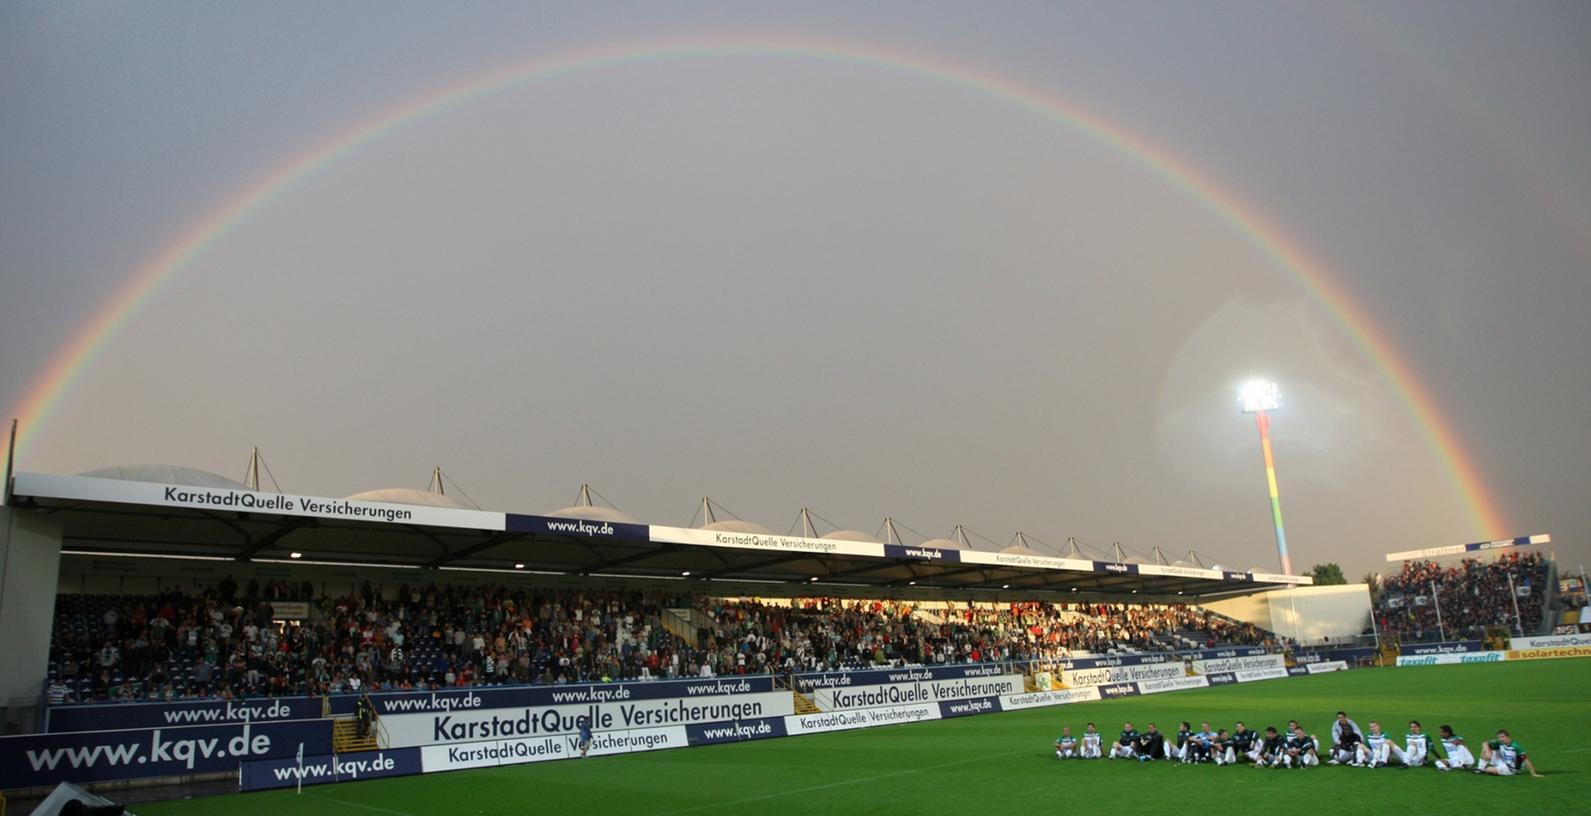 Der Ronhof unterm Regenbogen, nach einem Zweitliga-Spiel gegen den FC St. Pauli im August 2008. Das Stadion - inzwischen für die 1. Liga modernisiert - bleibt dem Kleeblatt bis 2040 erhalten.